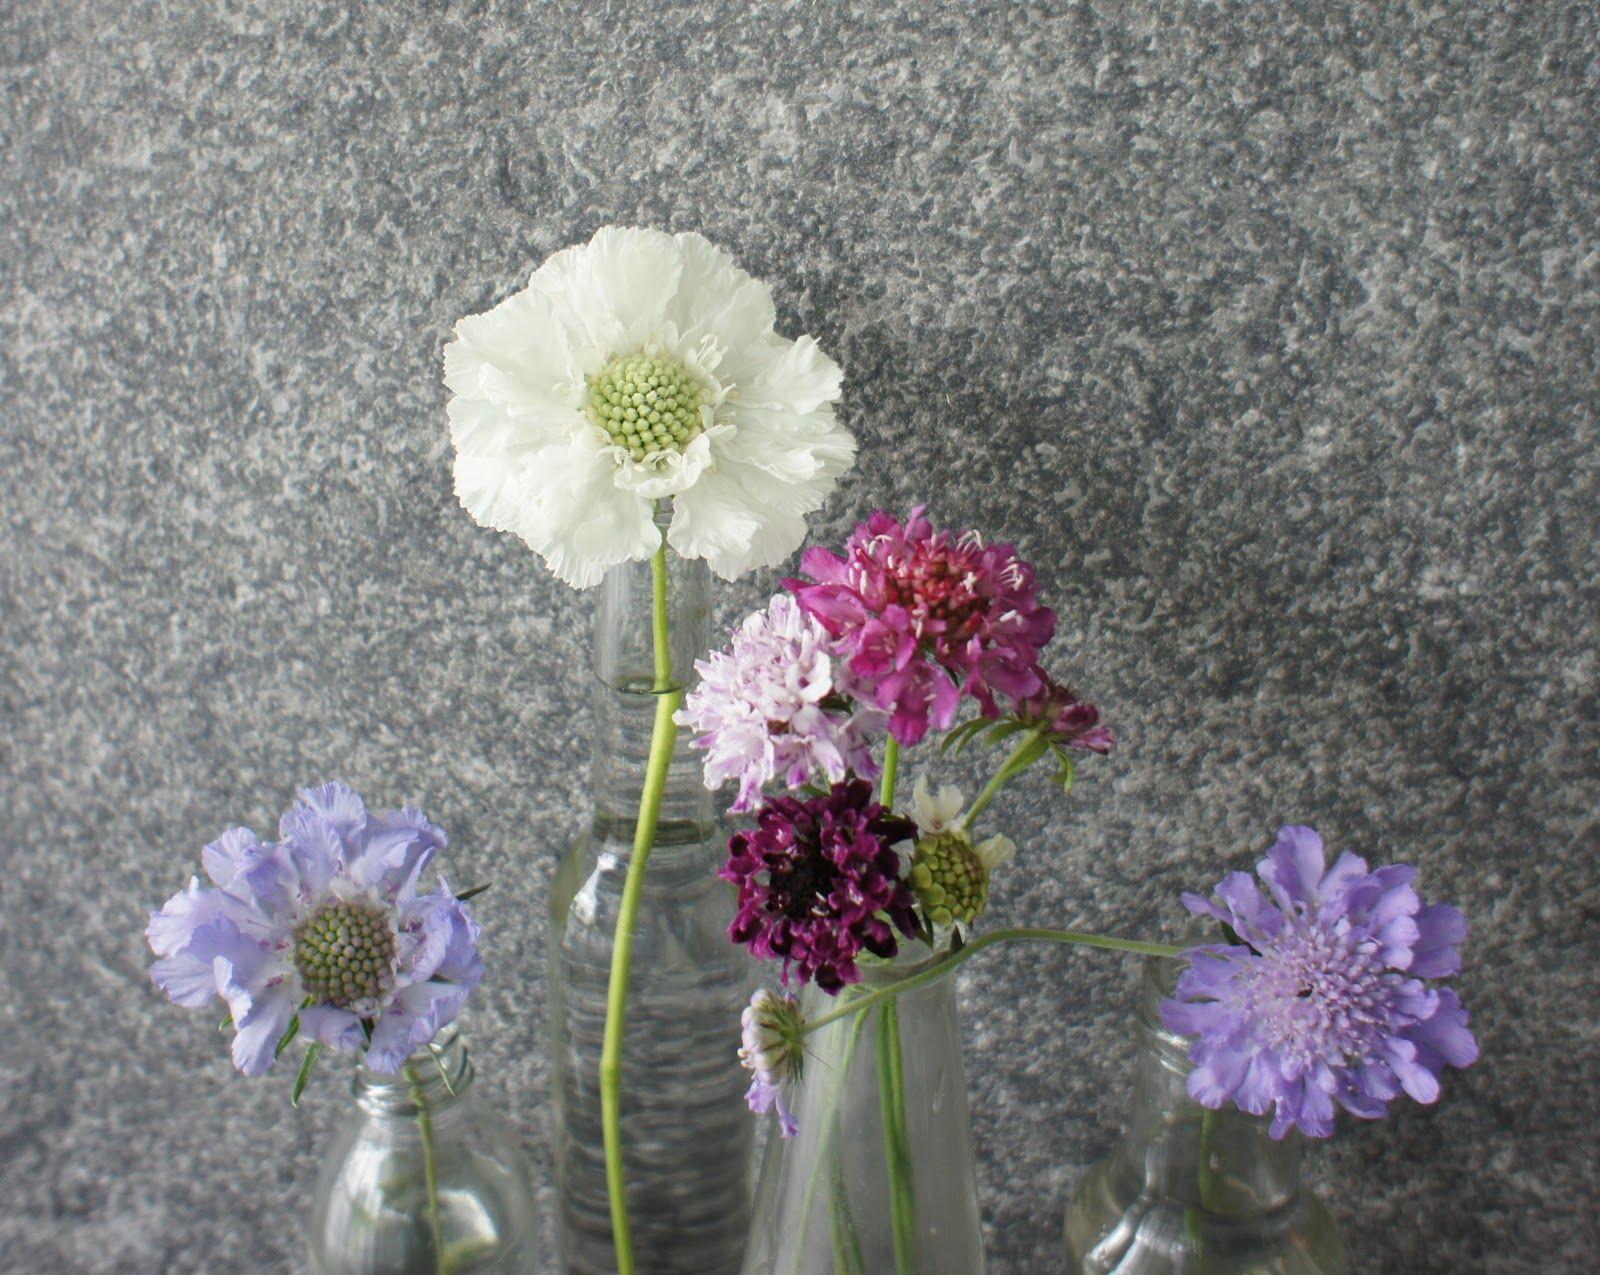 Scabiosa In Bud Vase Astilbe Flower Flowers Bouquet Flowers